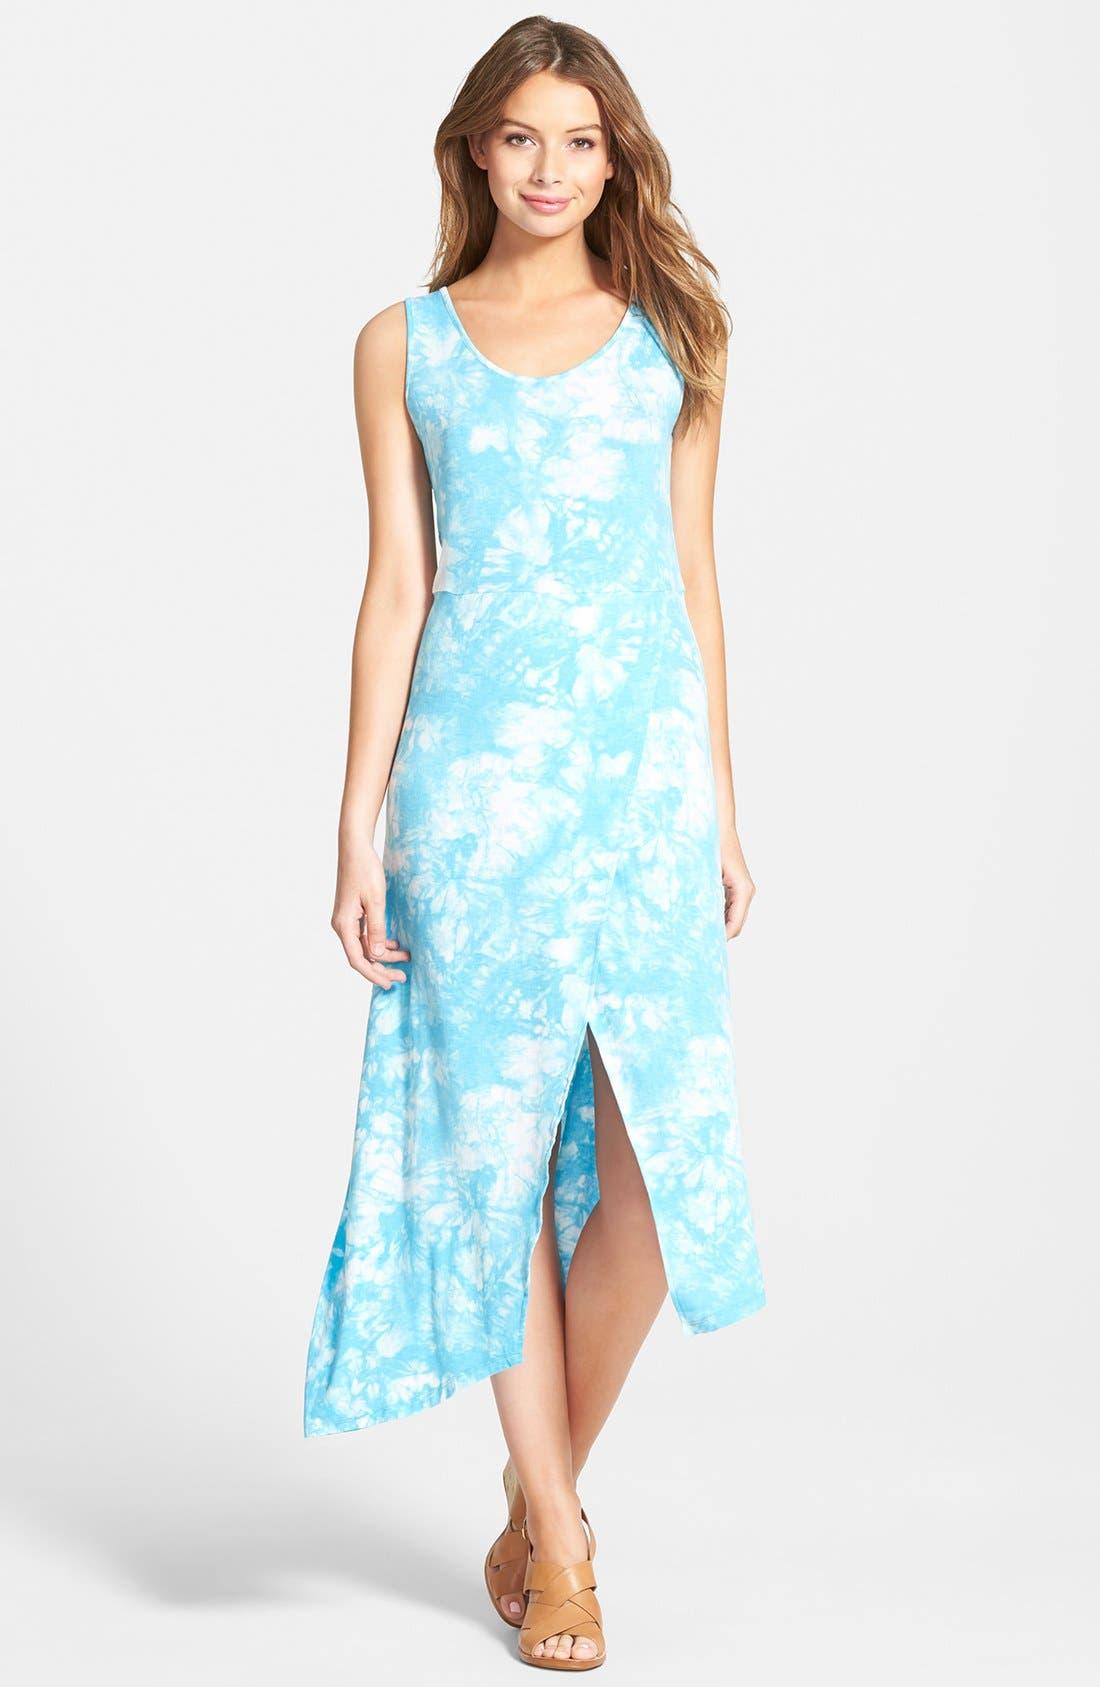 Alternate Image 1 Selected - kensie 'Burst' Tie Dye Maxi Dress